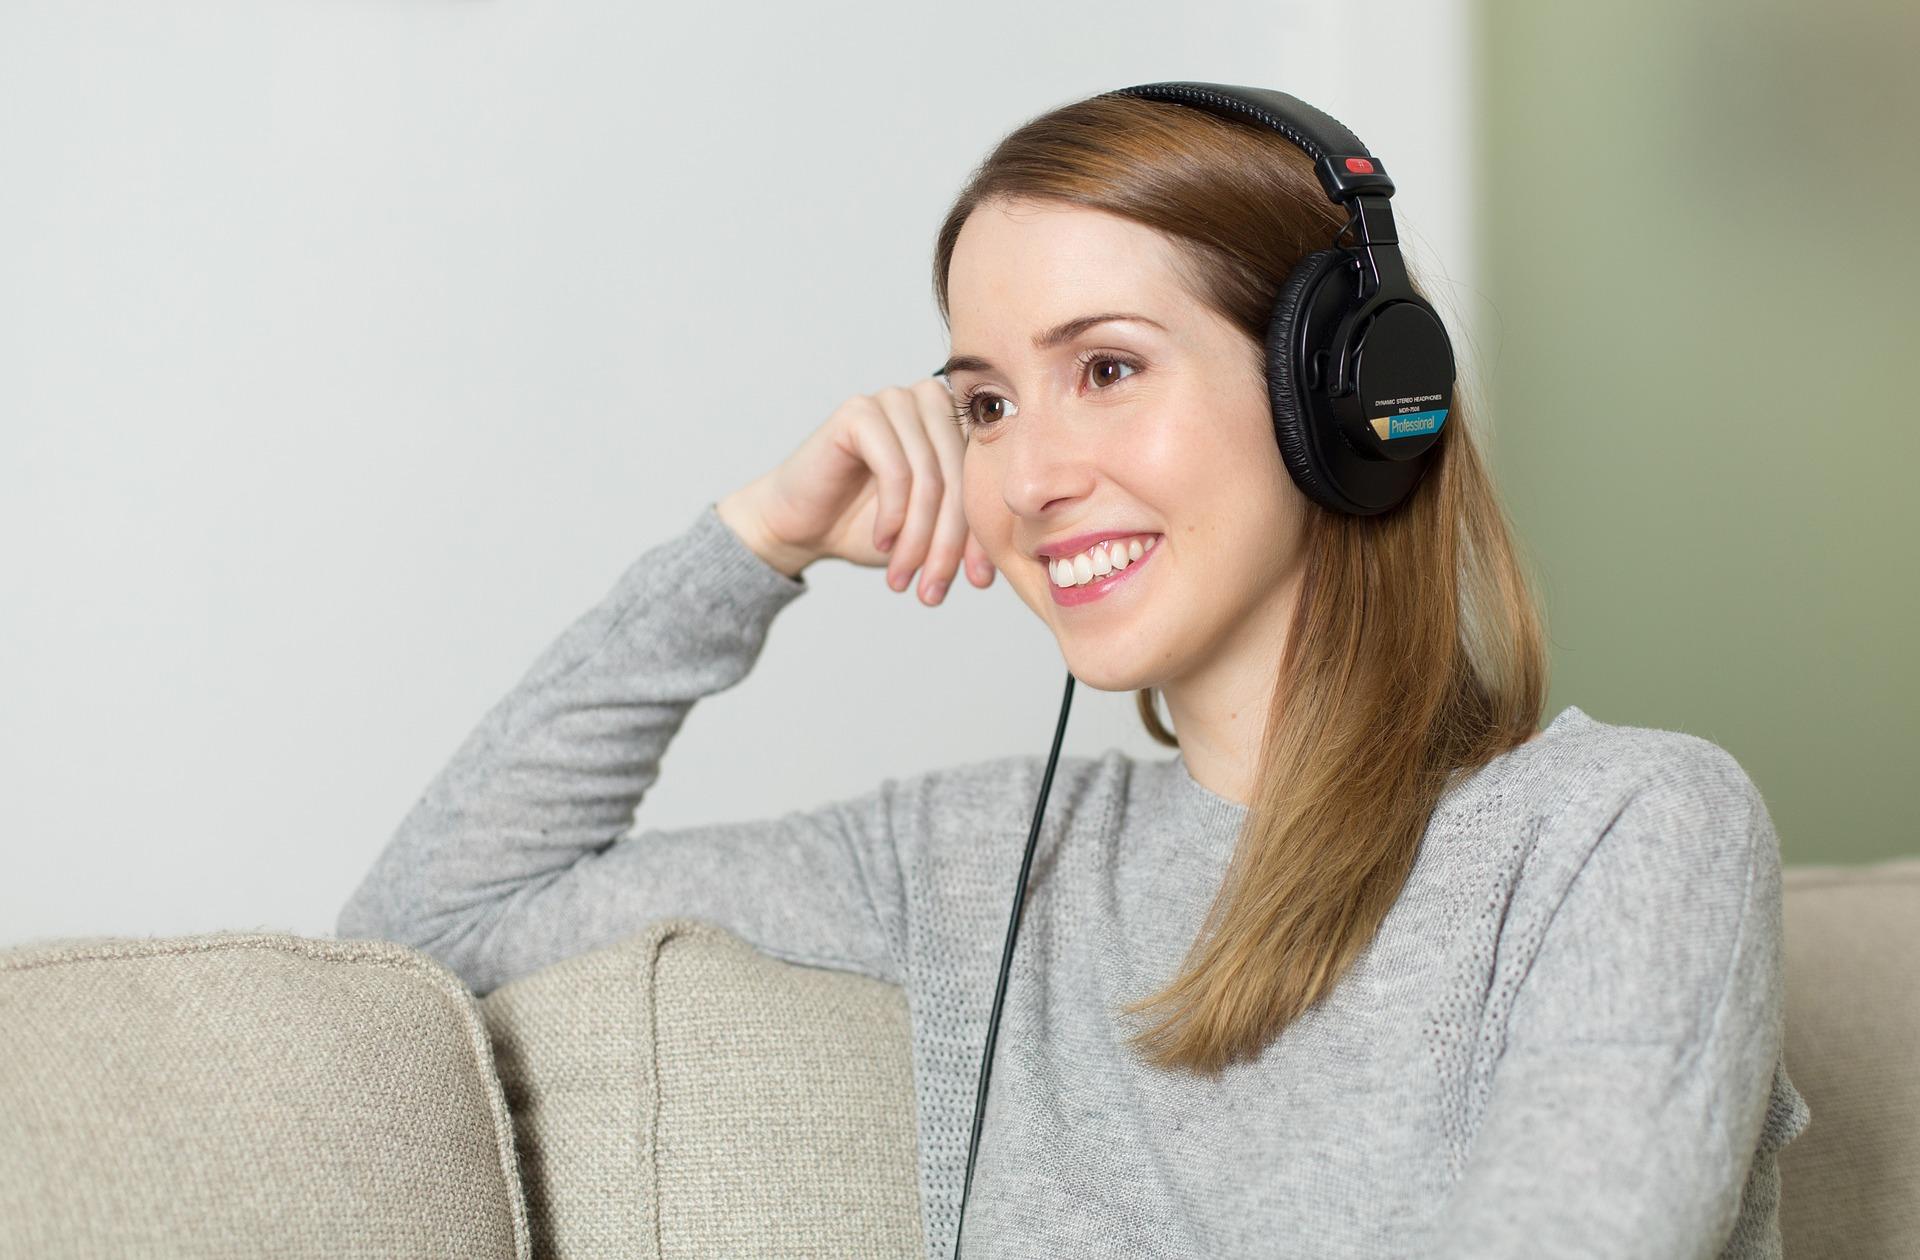 Binaural Beats - gezielt Entspannung, Schlaf, Meditation oder Konzentration fördern